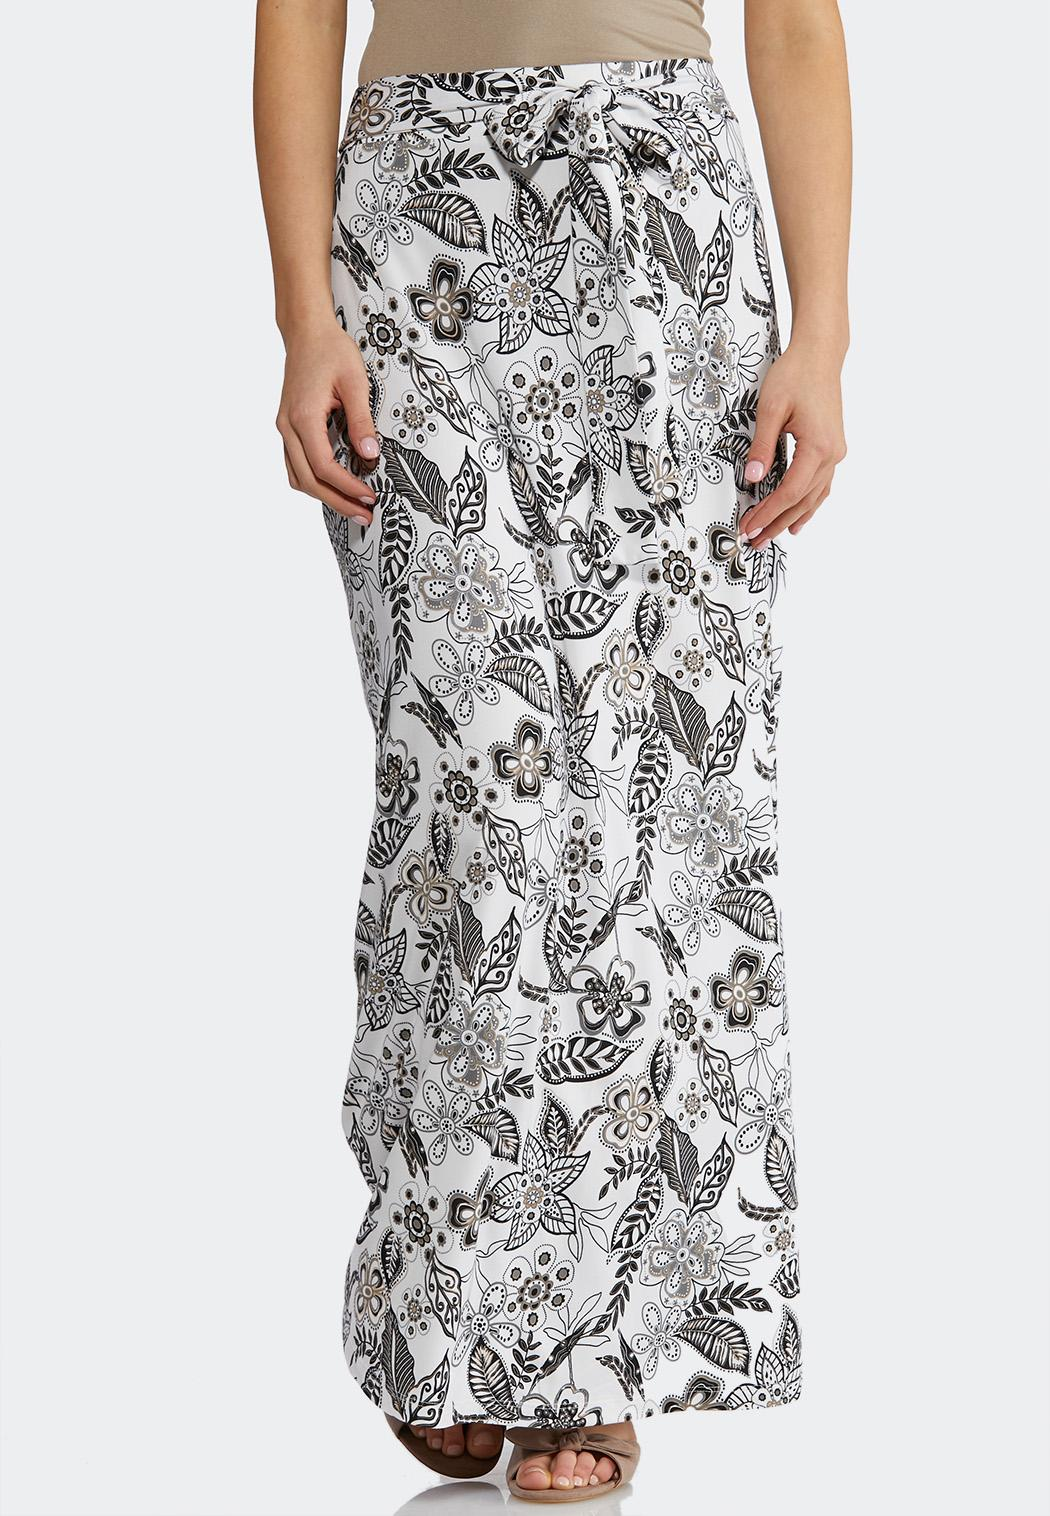 b8da8bee9 Floral Tie Waist Maxi Skirt Maxi Cato Fashions